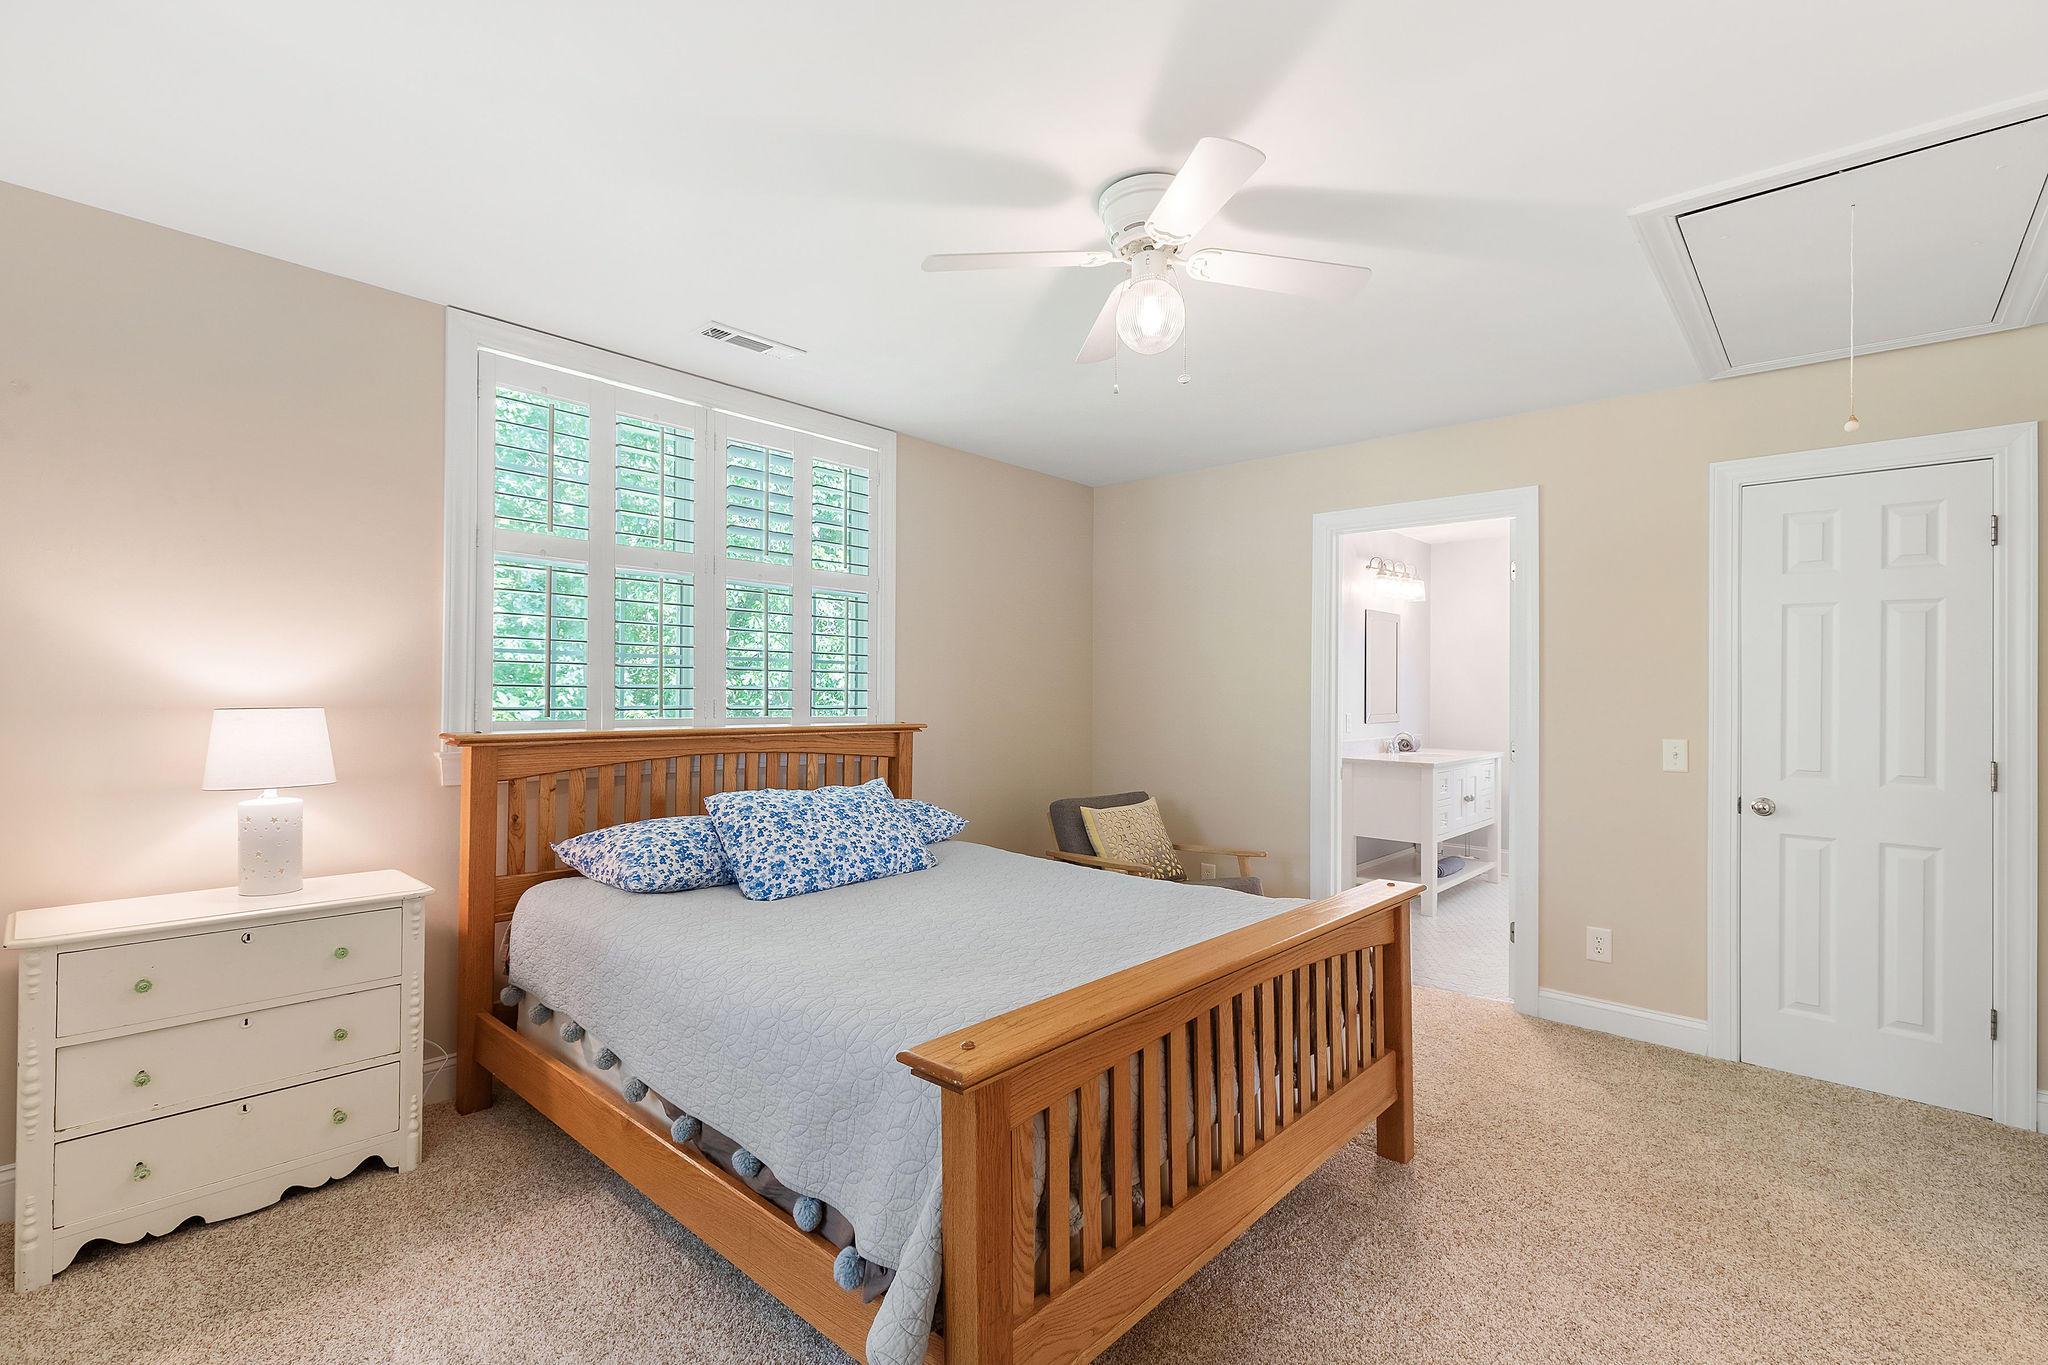 Dunes West Homes For Sale - 3201 Cottonfield, Mount Pleasant, SC - 14